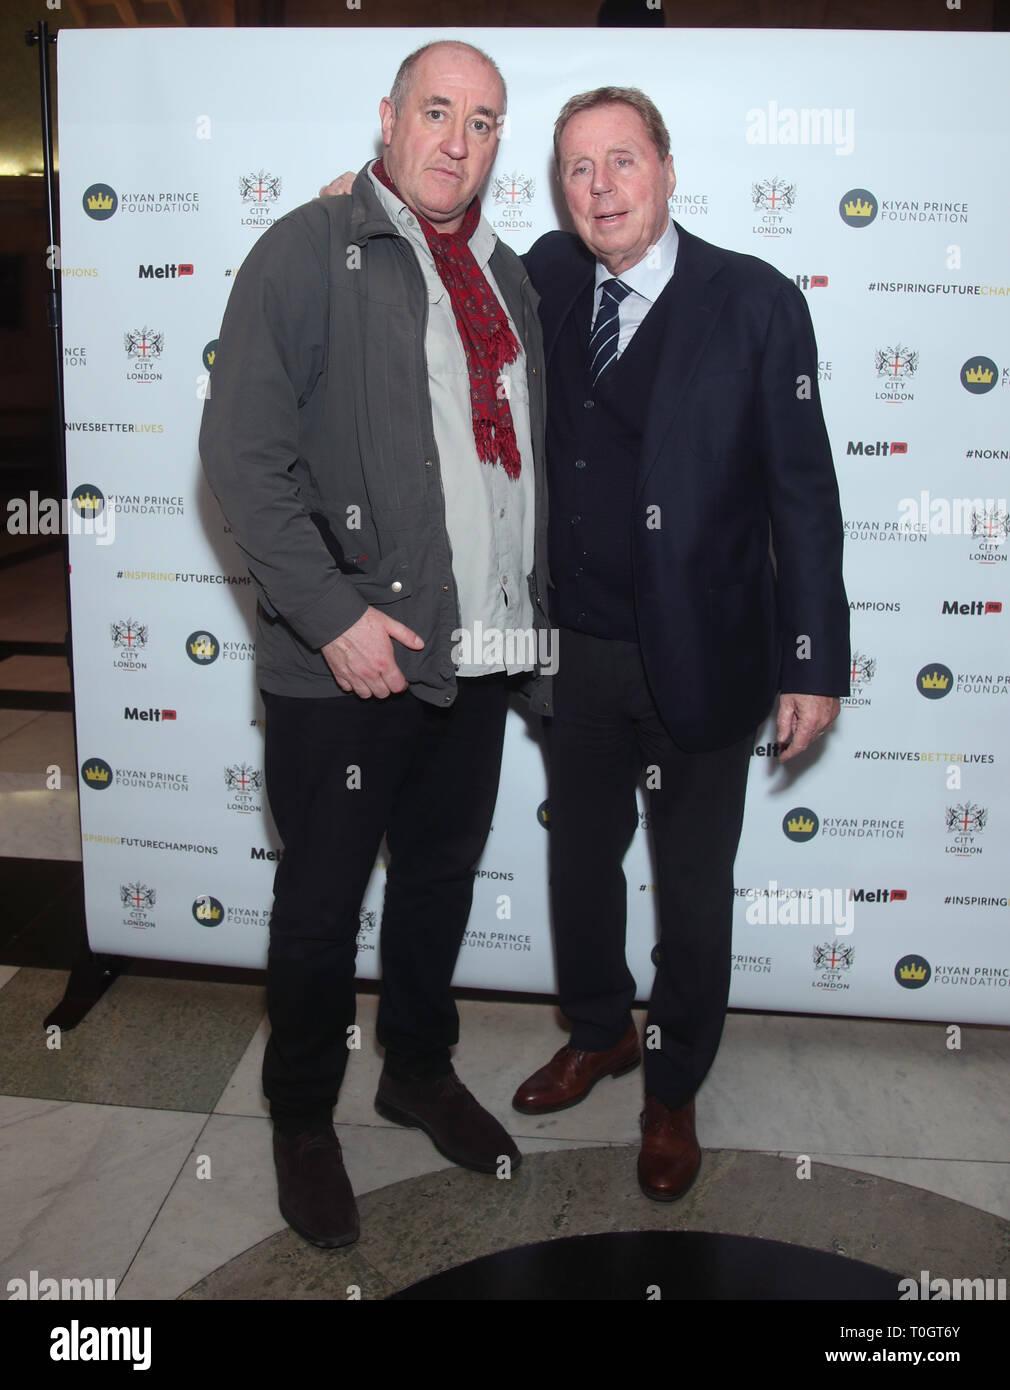 Harry Redknapp (derecha) y el boxeo, el periodista Steve Bunce asistir a una celebración en honor a Dr. Mark Prince OBE, auspiciada por la City of London Corporation, en el Old Bailey, en Londres. Mark de 15 años de edad, hijo, PRÍNCIPE Kiyan, fue brutalmente apuñalado y asesinado por pacíficamente intentando romper una pelea en el exterior de su escuela el 18 de mayo de 2006. Imagen De Stock